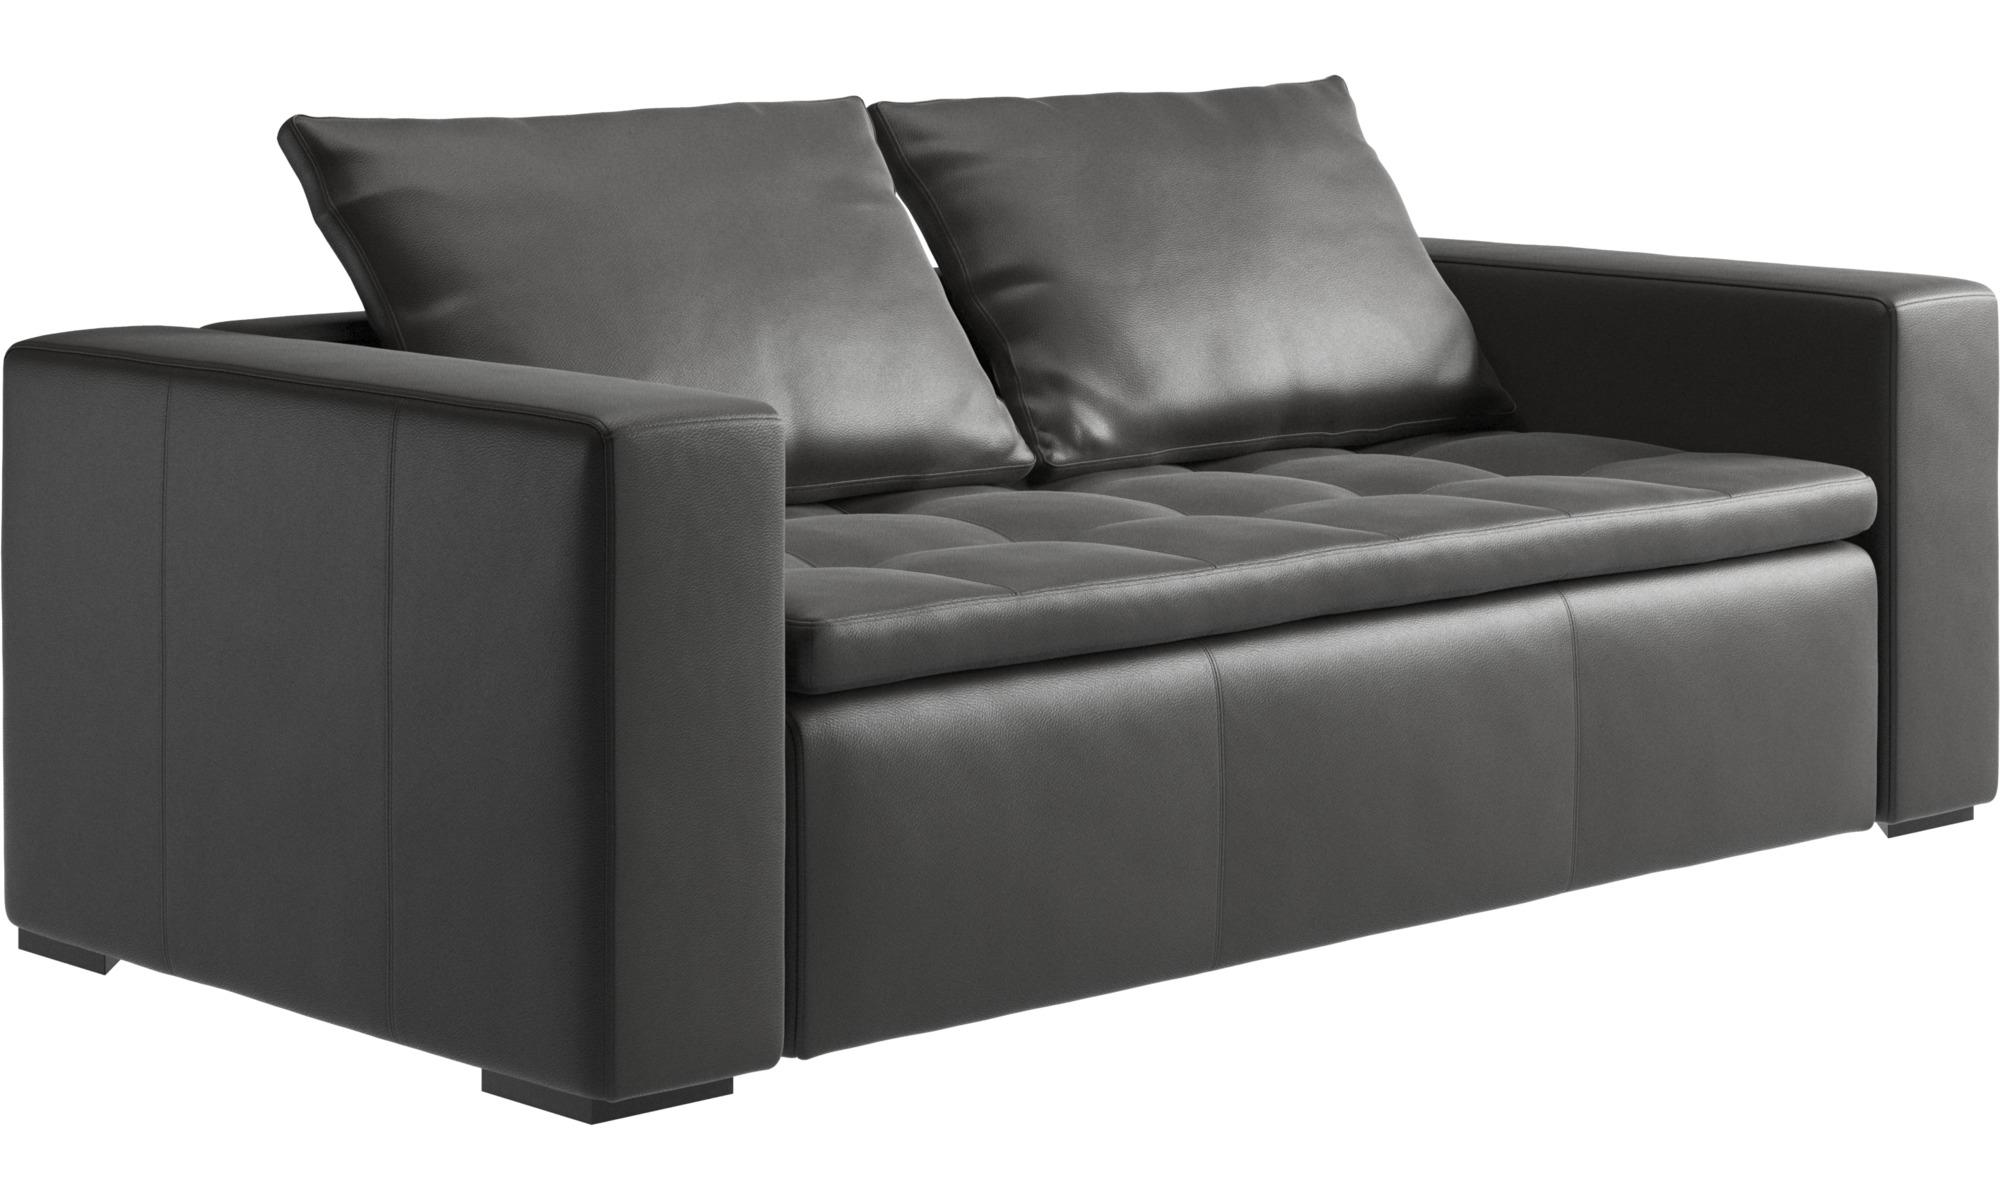 2 5 Seater Sofas Mezzo Sofa Gray Leather